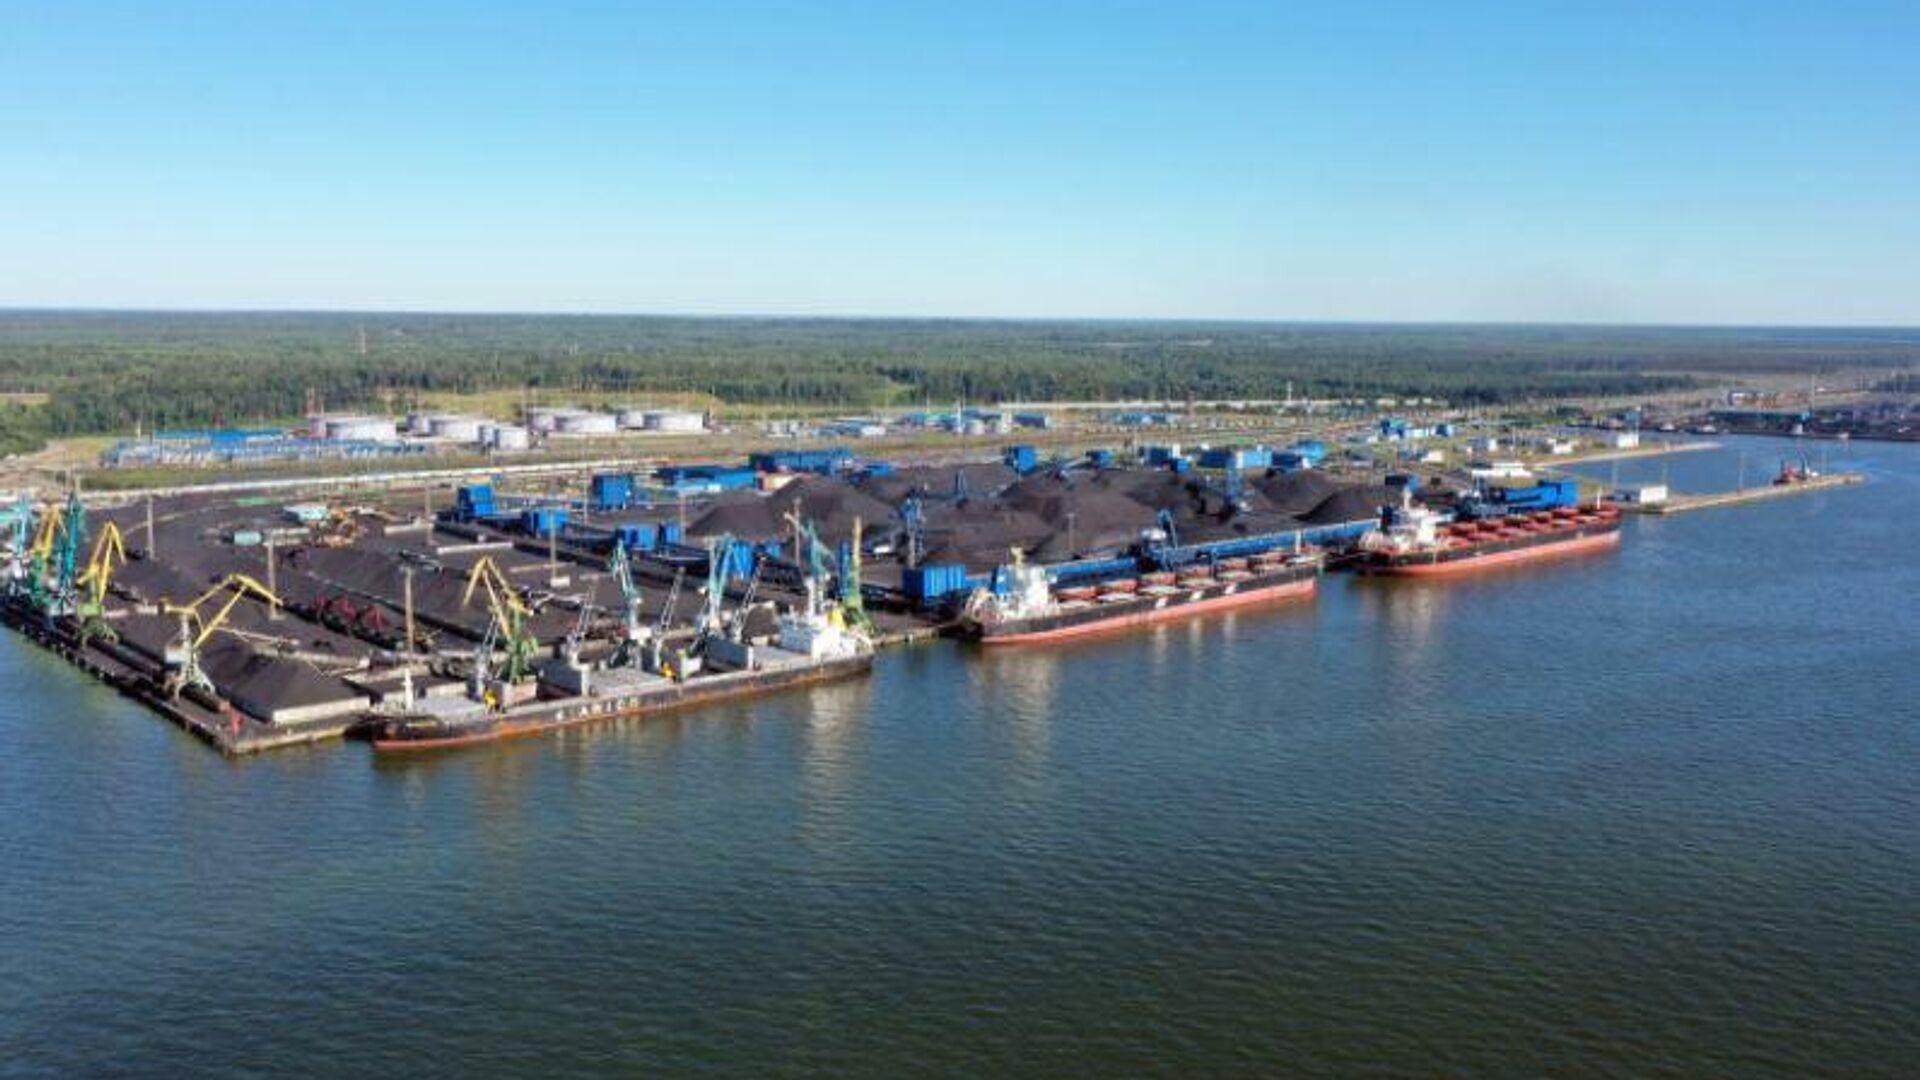 Морской порт Усть-Луга расположен в Ленинградской области - РИА Новости, 1920, 06.03.2021